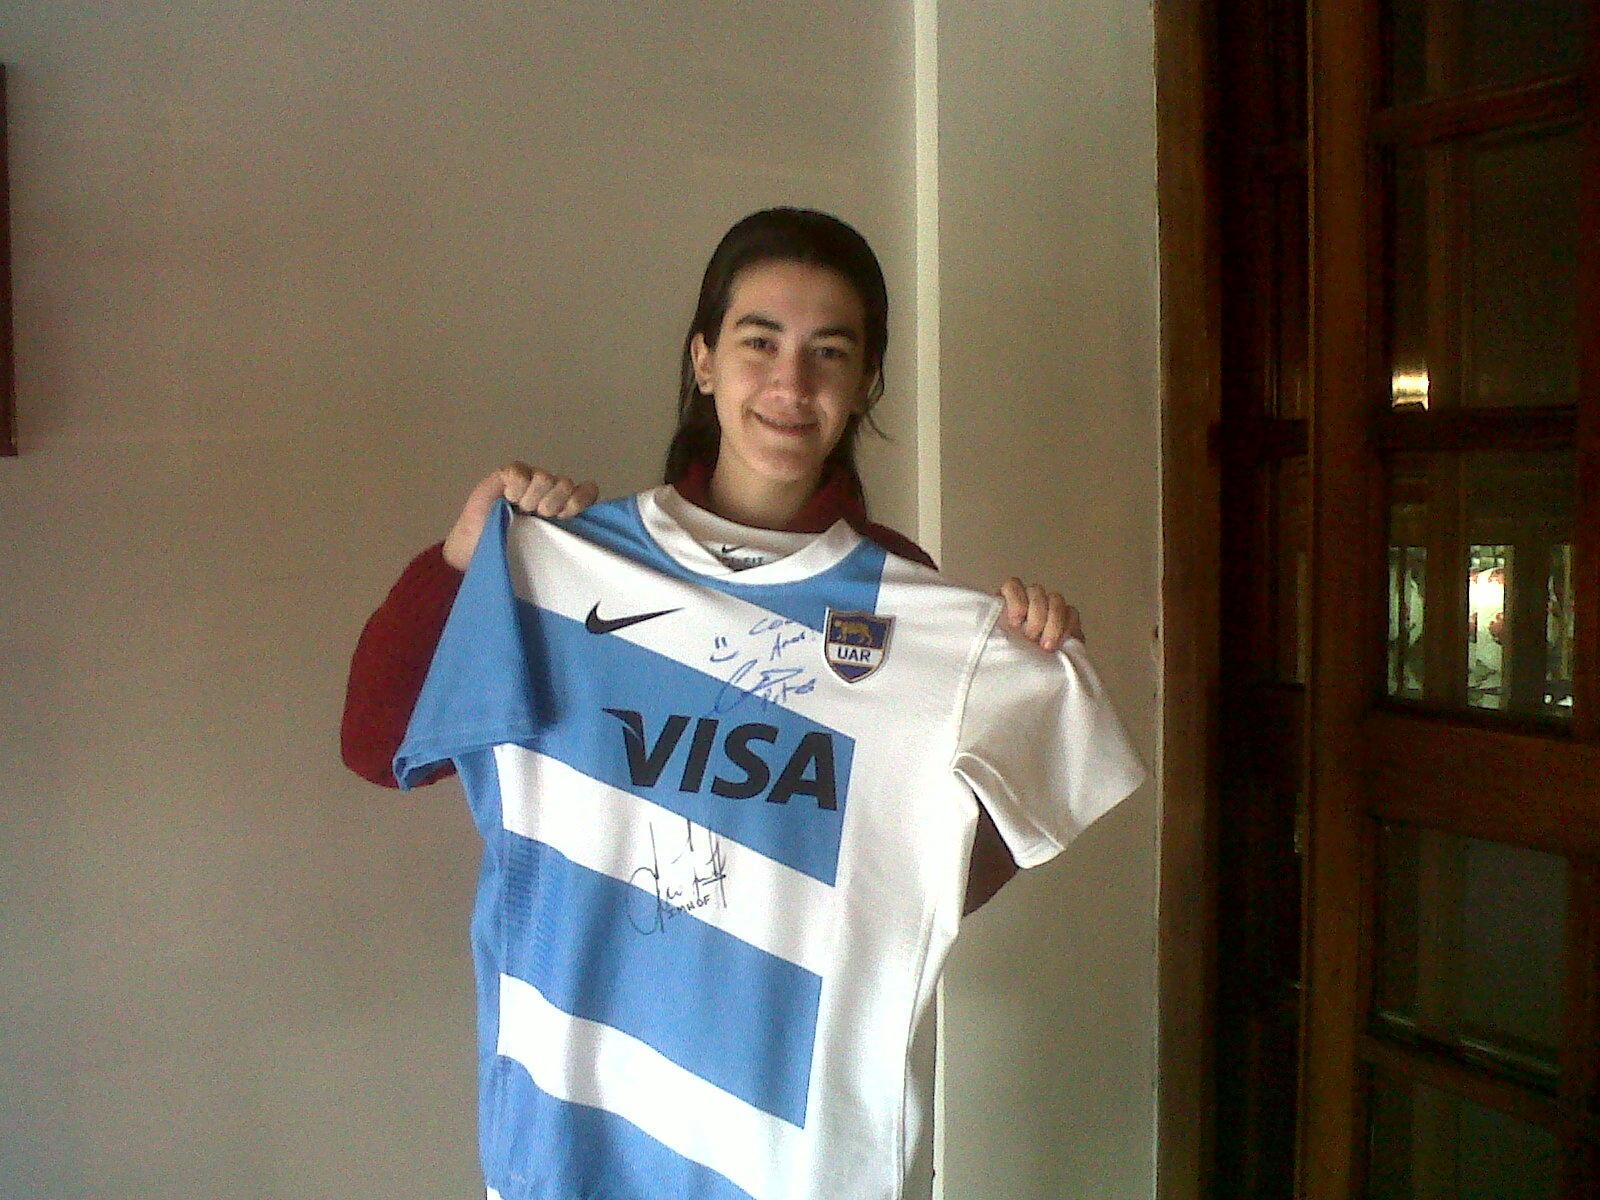 Gracias @p_lanzani por la nueva #camisetapumas te mando un beso!! http://t.co/Vb1gMRLB